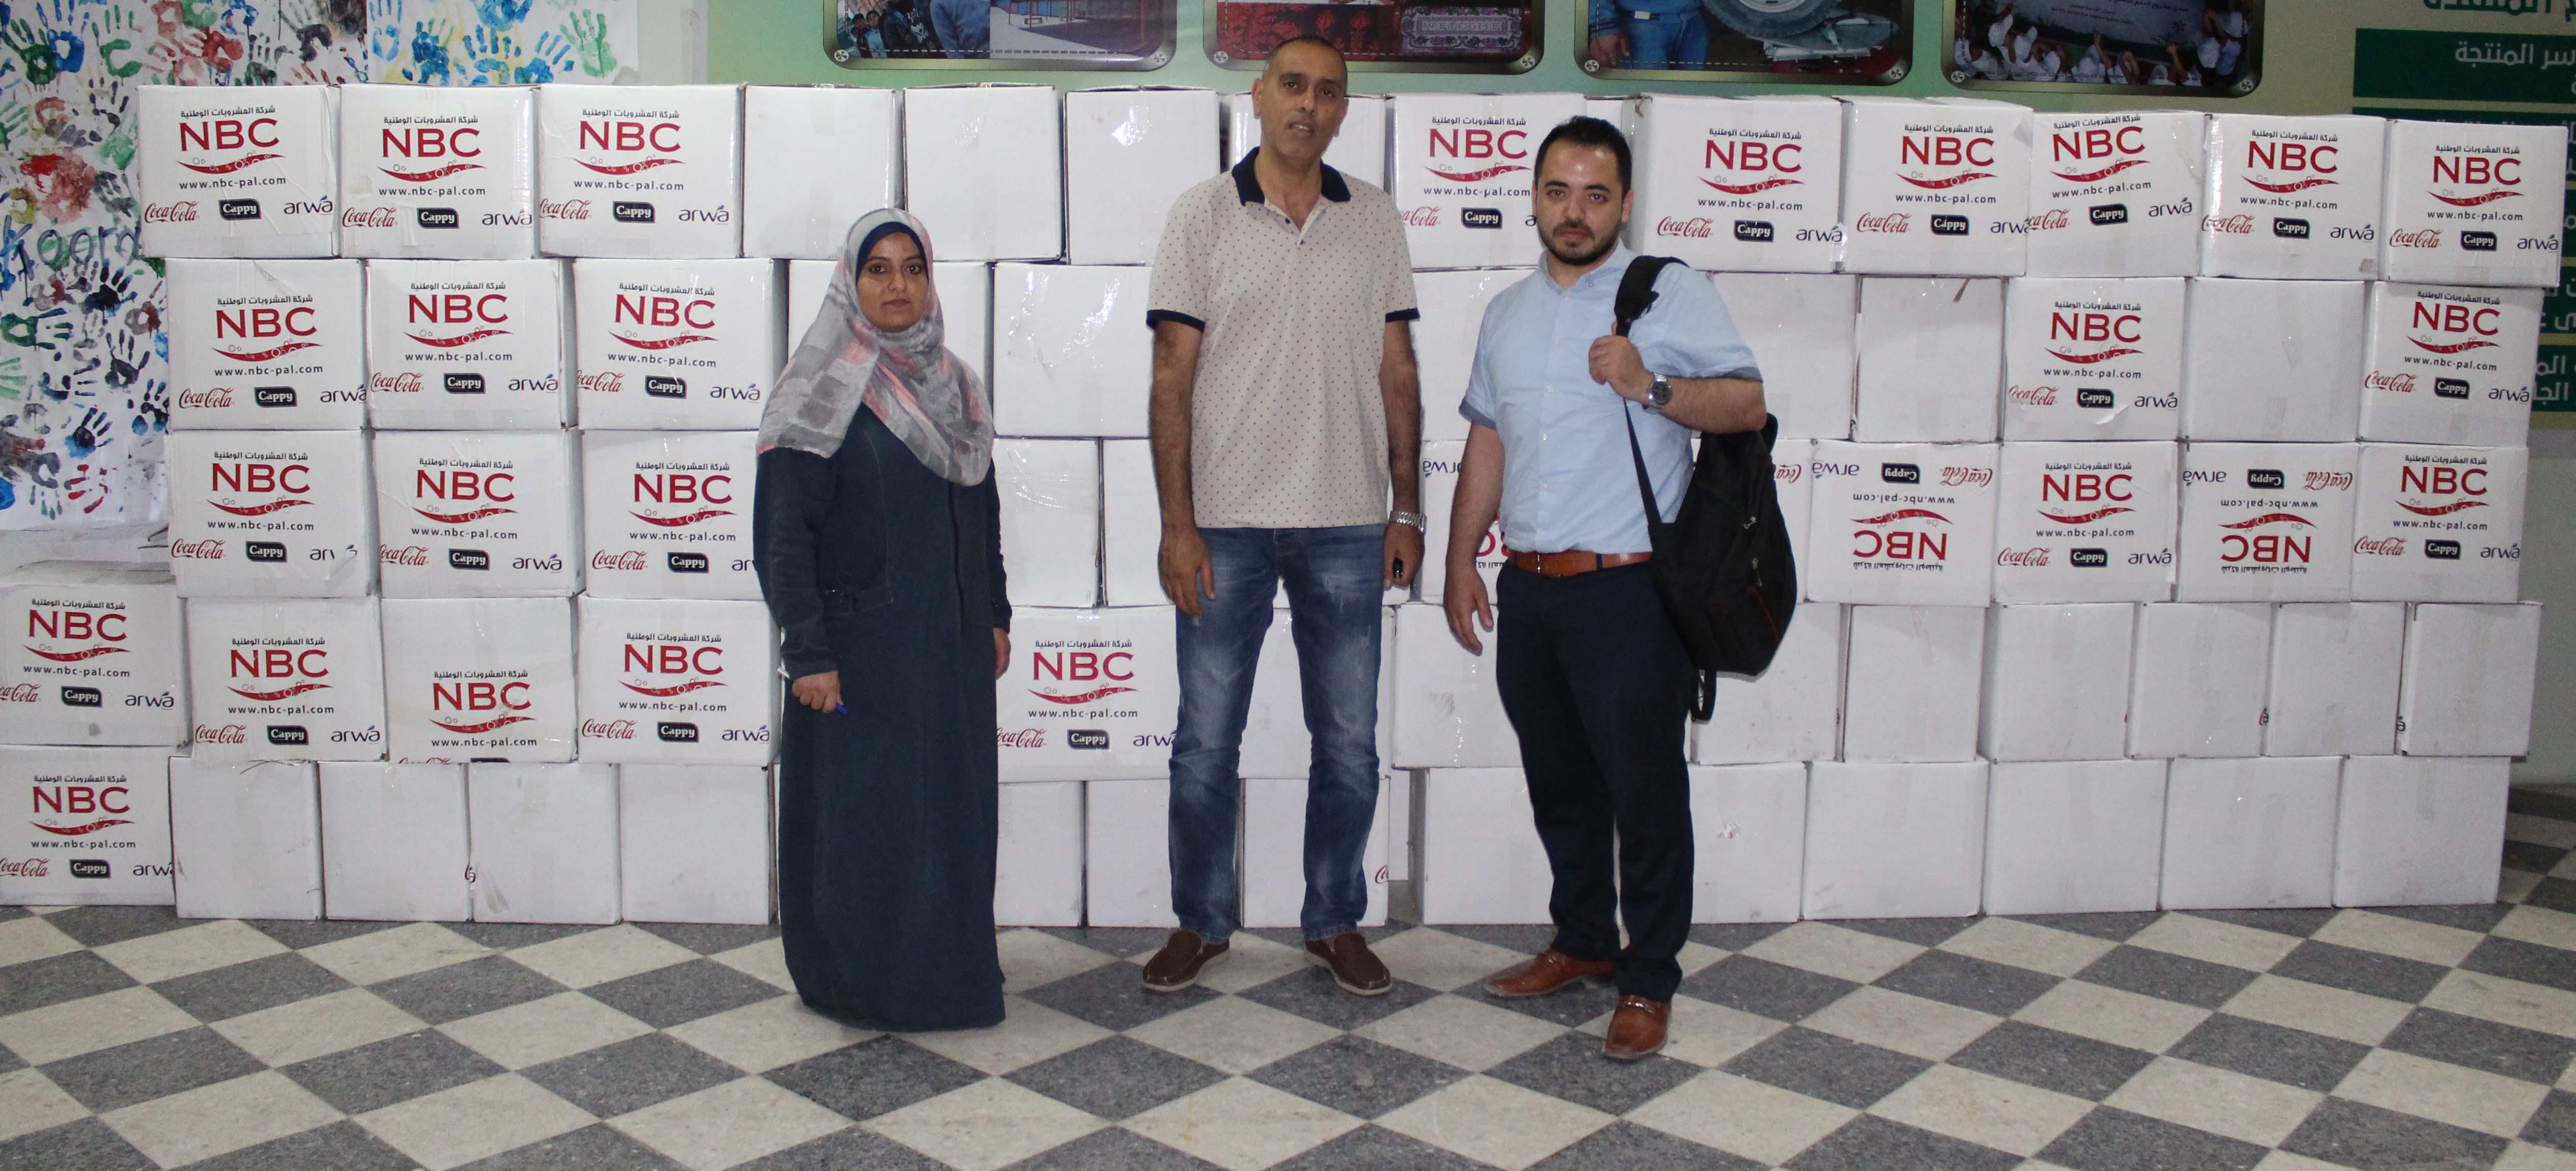 المشروبات الوطنية تقدم مئات الطرود الغذائية للأسر الفقيرة في غزة وطولكرم وكفر زيباد